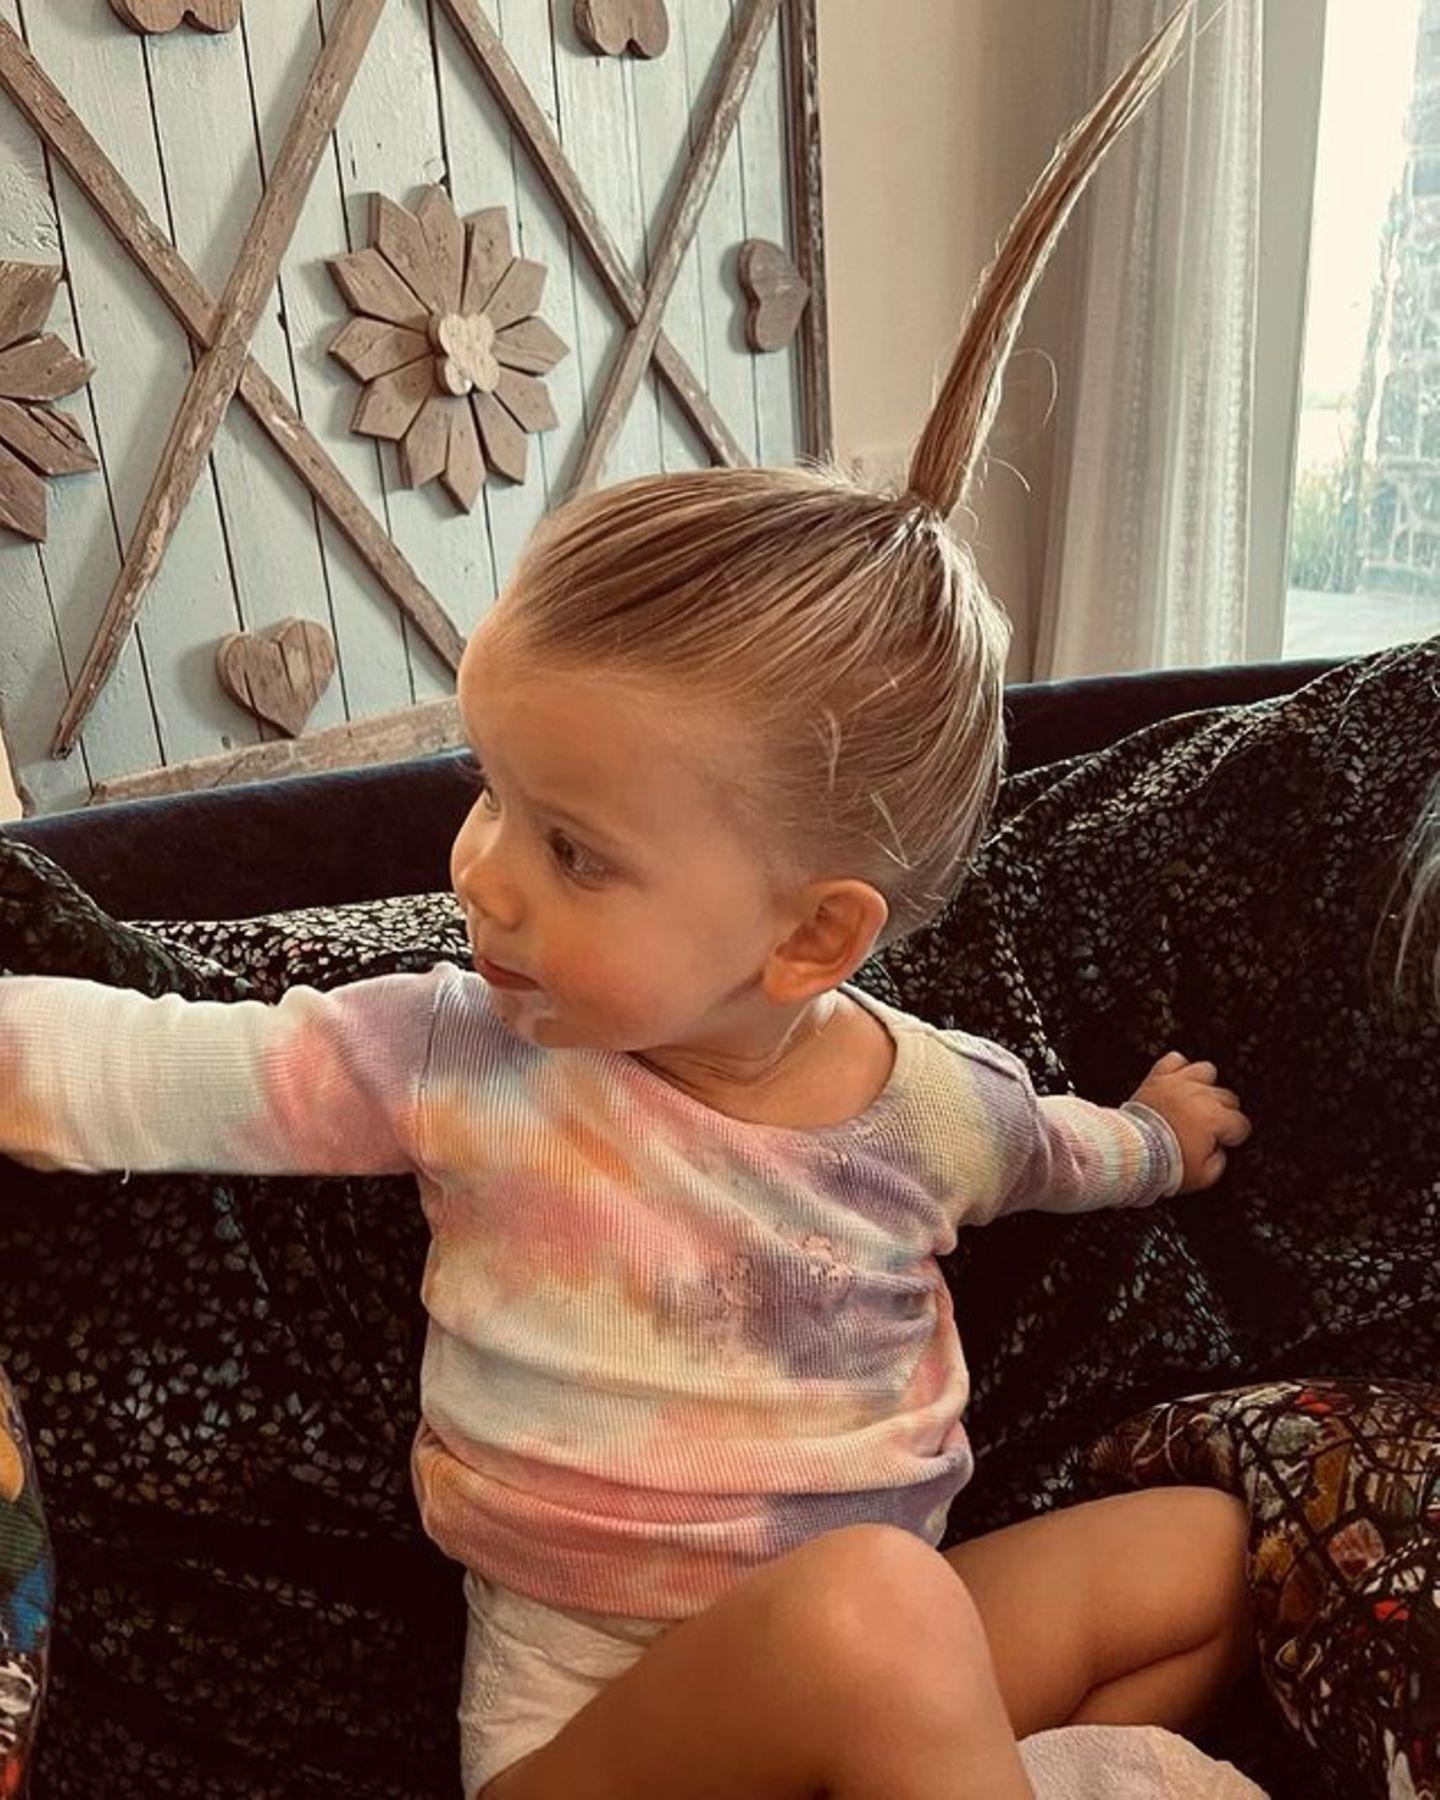 """""""Das passiert, wenn dein Bruder deine Haare stylt"""", schreibt Jessica Simpson zu diesem süßen Schnappschuss ihrer Tochter Birdie Mae. Und wir müssen zugeben: Da hat sich der große Bruder Ace wirklich etwas Witziges einfallen lassen. Ob er vielleicht in der letzten Zeit den Film """"Verrückt nach Mary"""" geguckt hat?"""